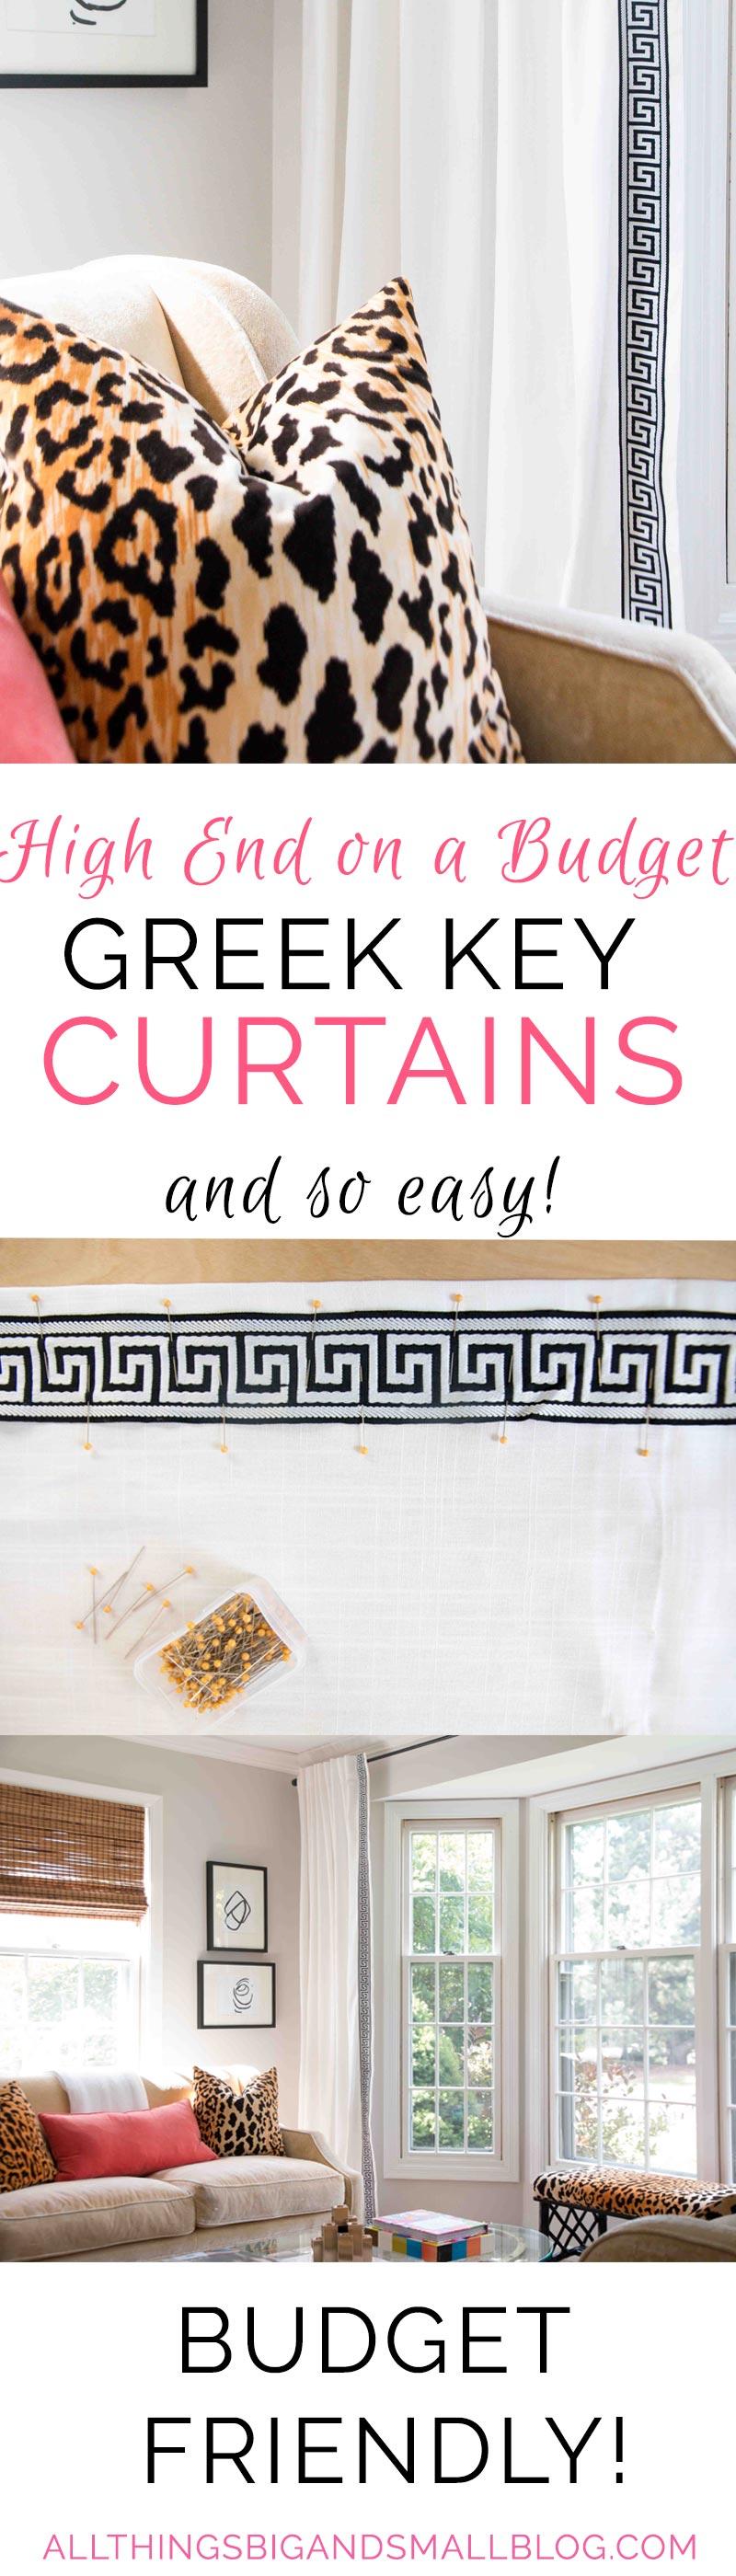 Budget Friendly DIY Greek Key Curtains | DIY Curtains | Greek Key Trim | ALL THINGS BIG AND SMALL BLOG - DIY Greek Key Curtains by popular home decor blogger DIY Decor Mom